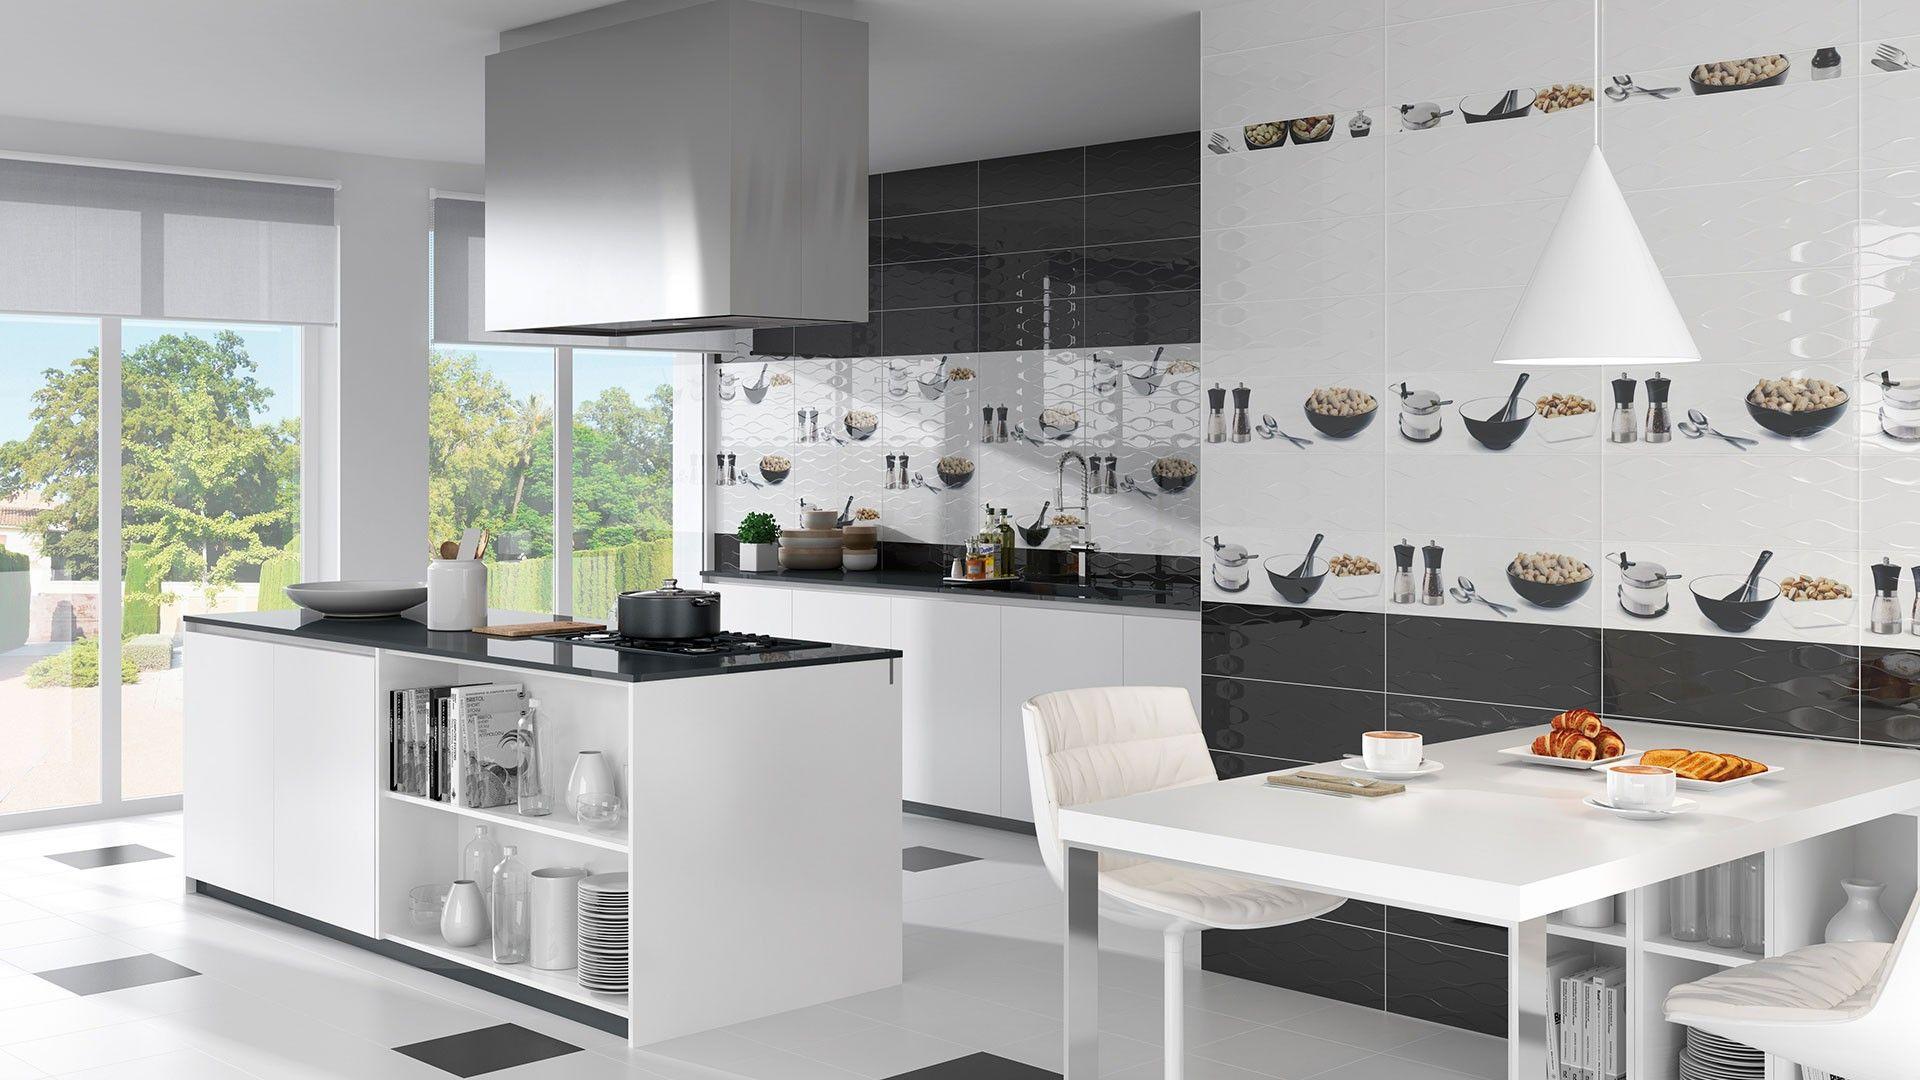 Fruits Seches 20x60 Diseno Cocinas Modernas Cocinas Modernas Precios Diseno De Cocina